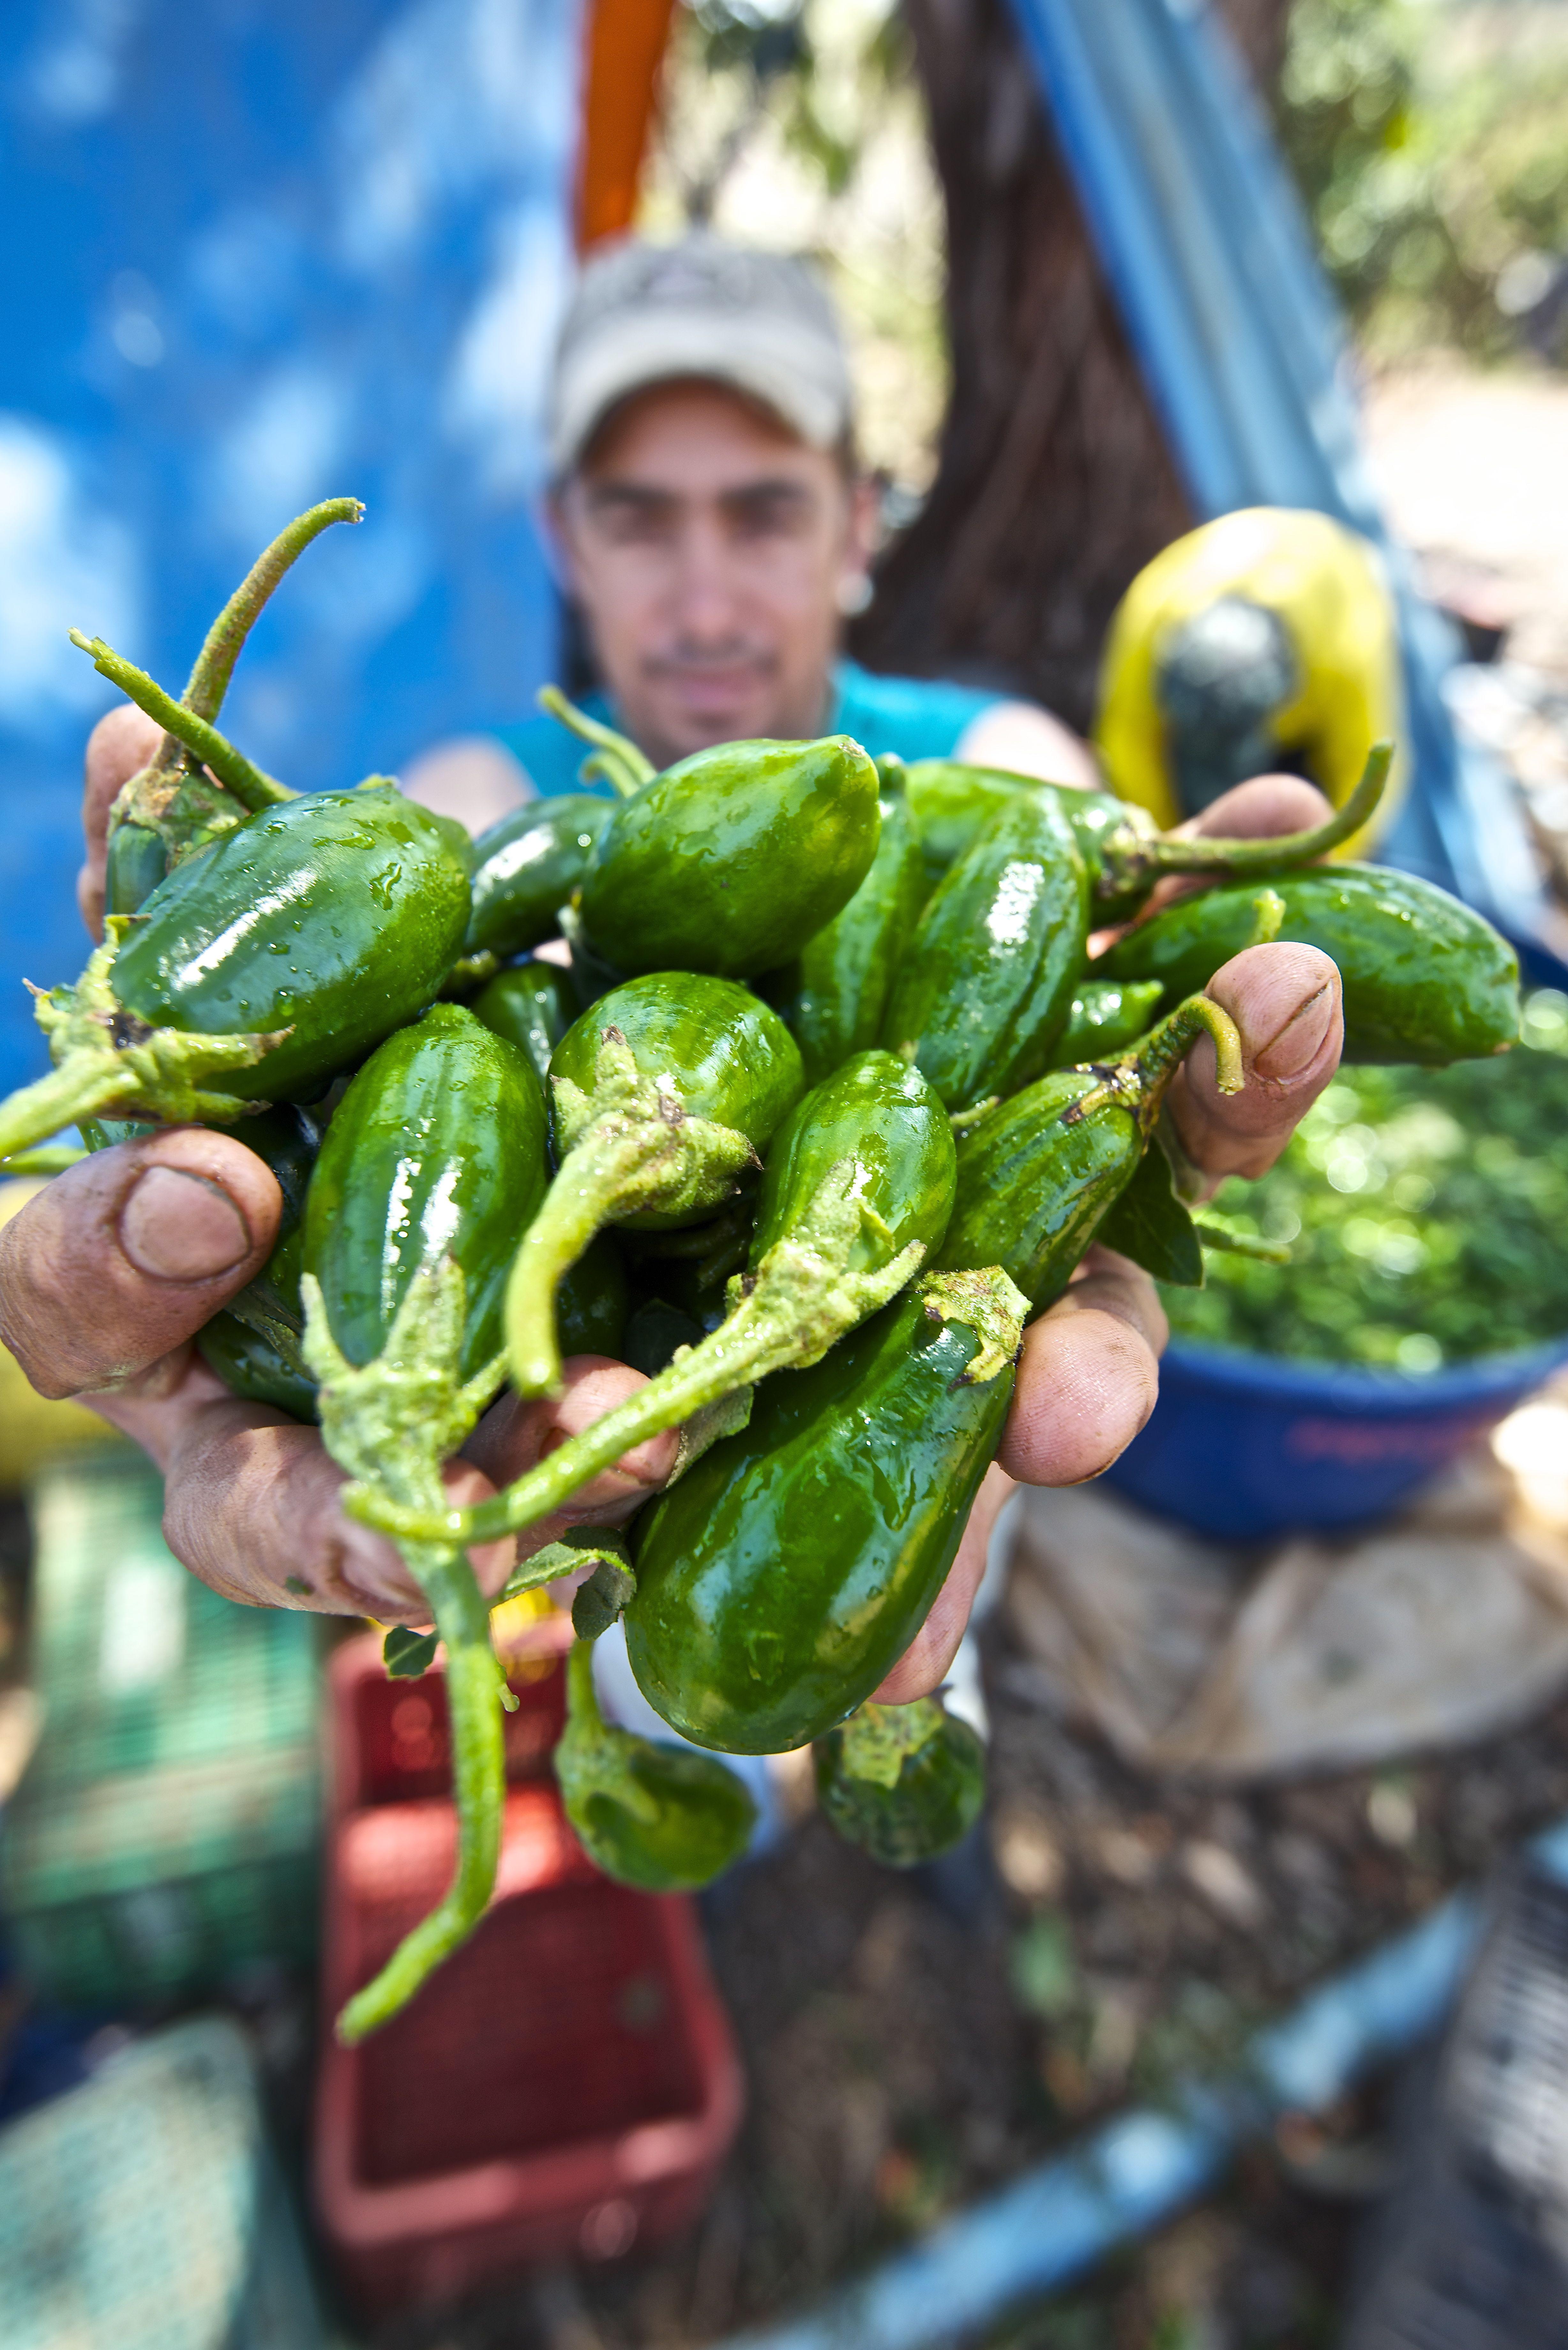 Produção dos micro e pequenos agricultores correspondem à 70% de todo o alimento consumido no País, demonstrando a força máxima da real cadeia produtiva brasileira | Foto: Ruber Couto